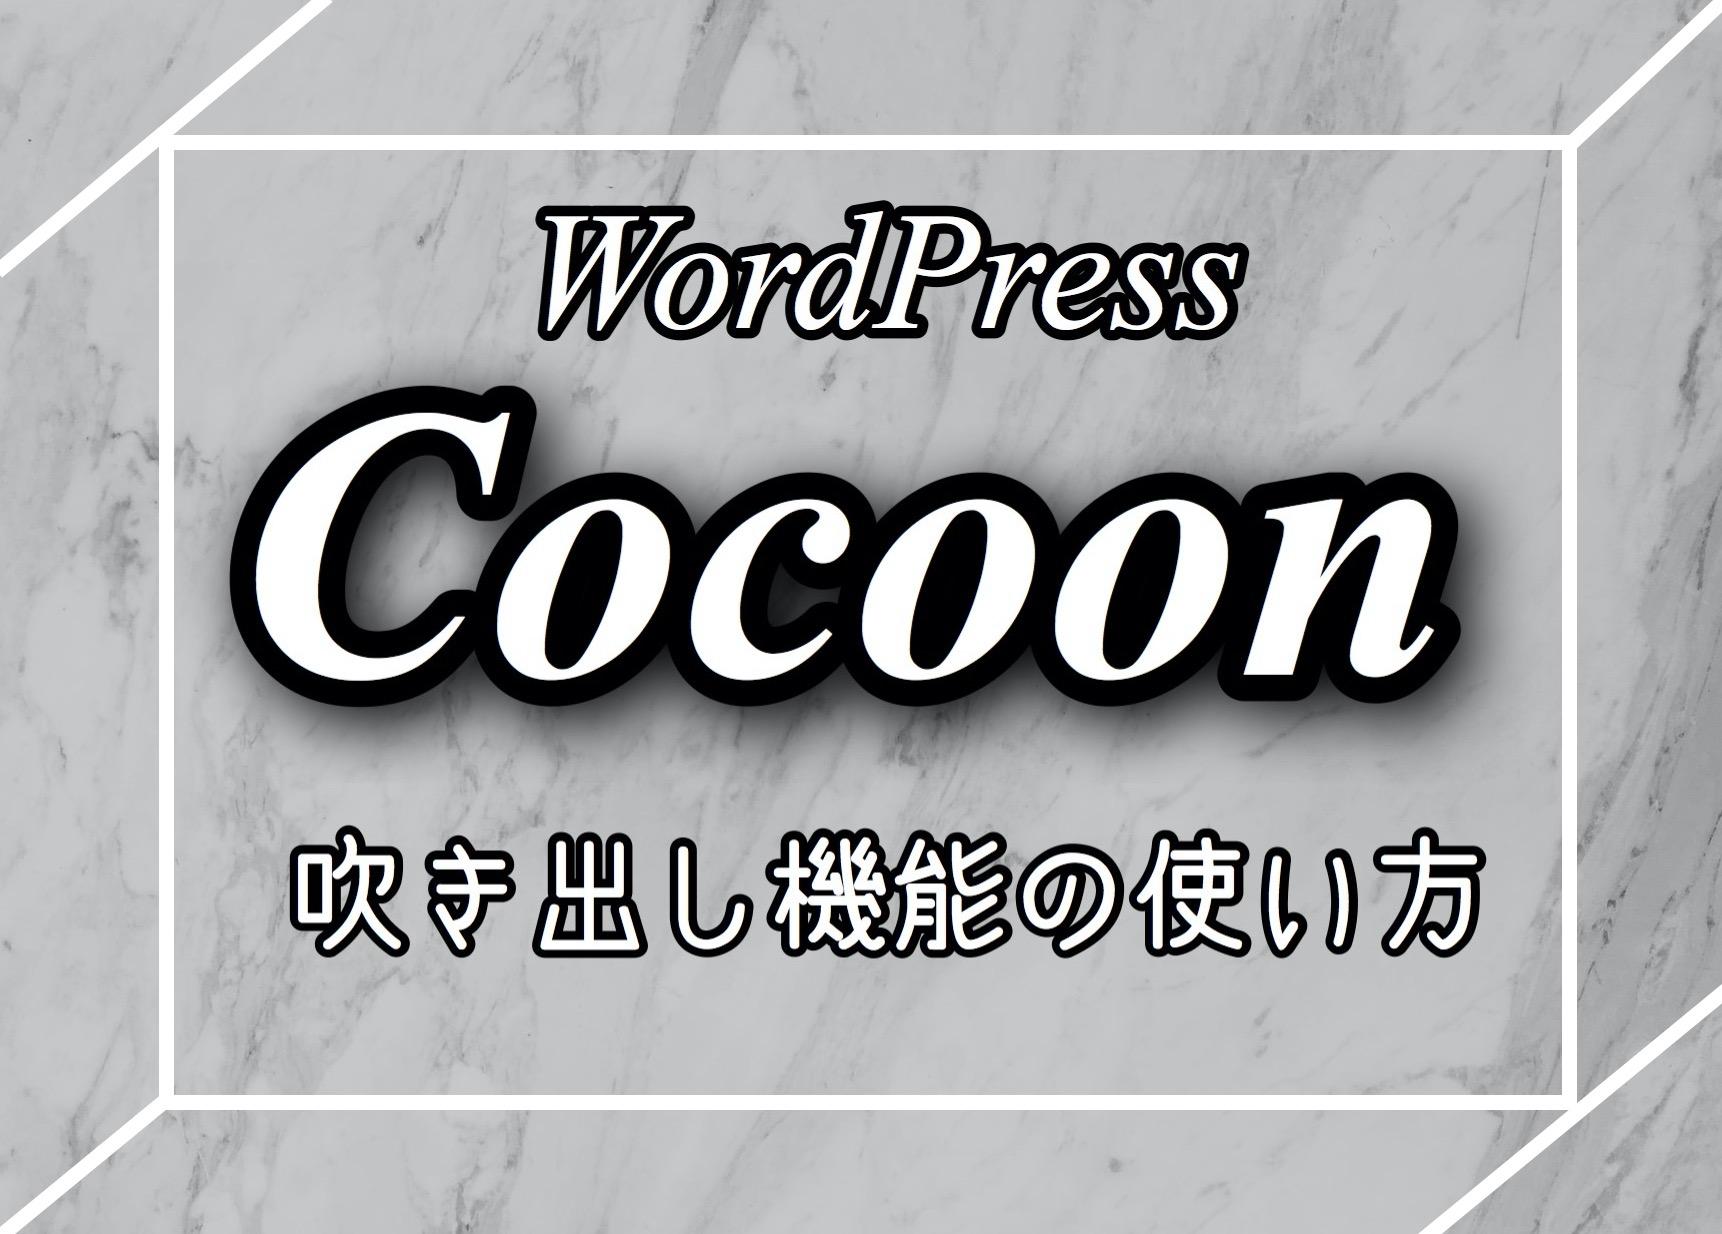 【最新】Cocoon吹き出し機能の使い方【すぐに使えます】